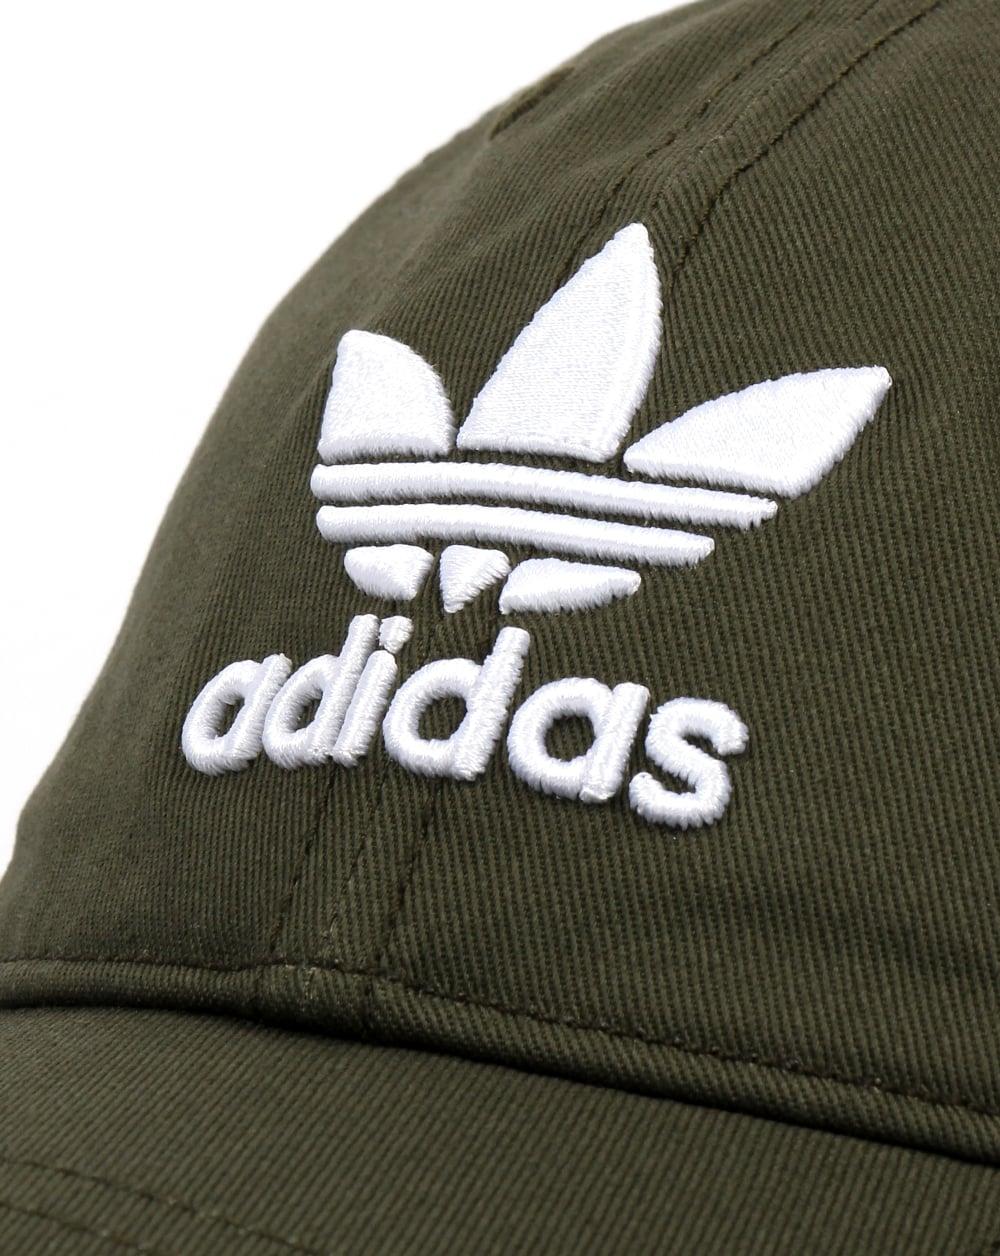 505ba7367 Adidas Originals Trefoil Cap Night Cargo